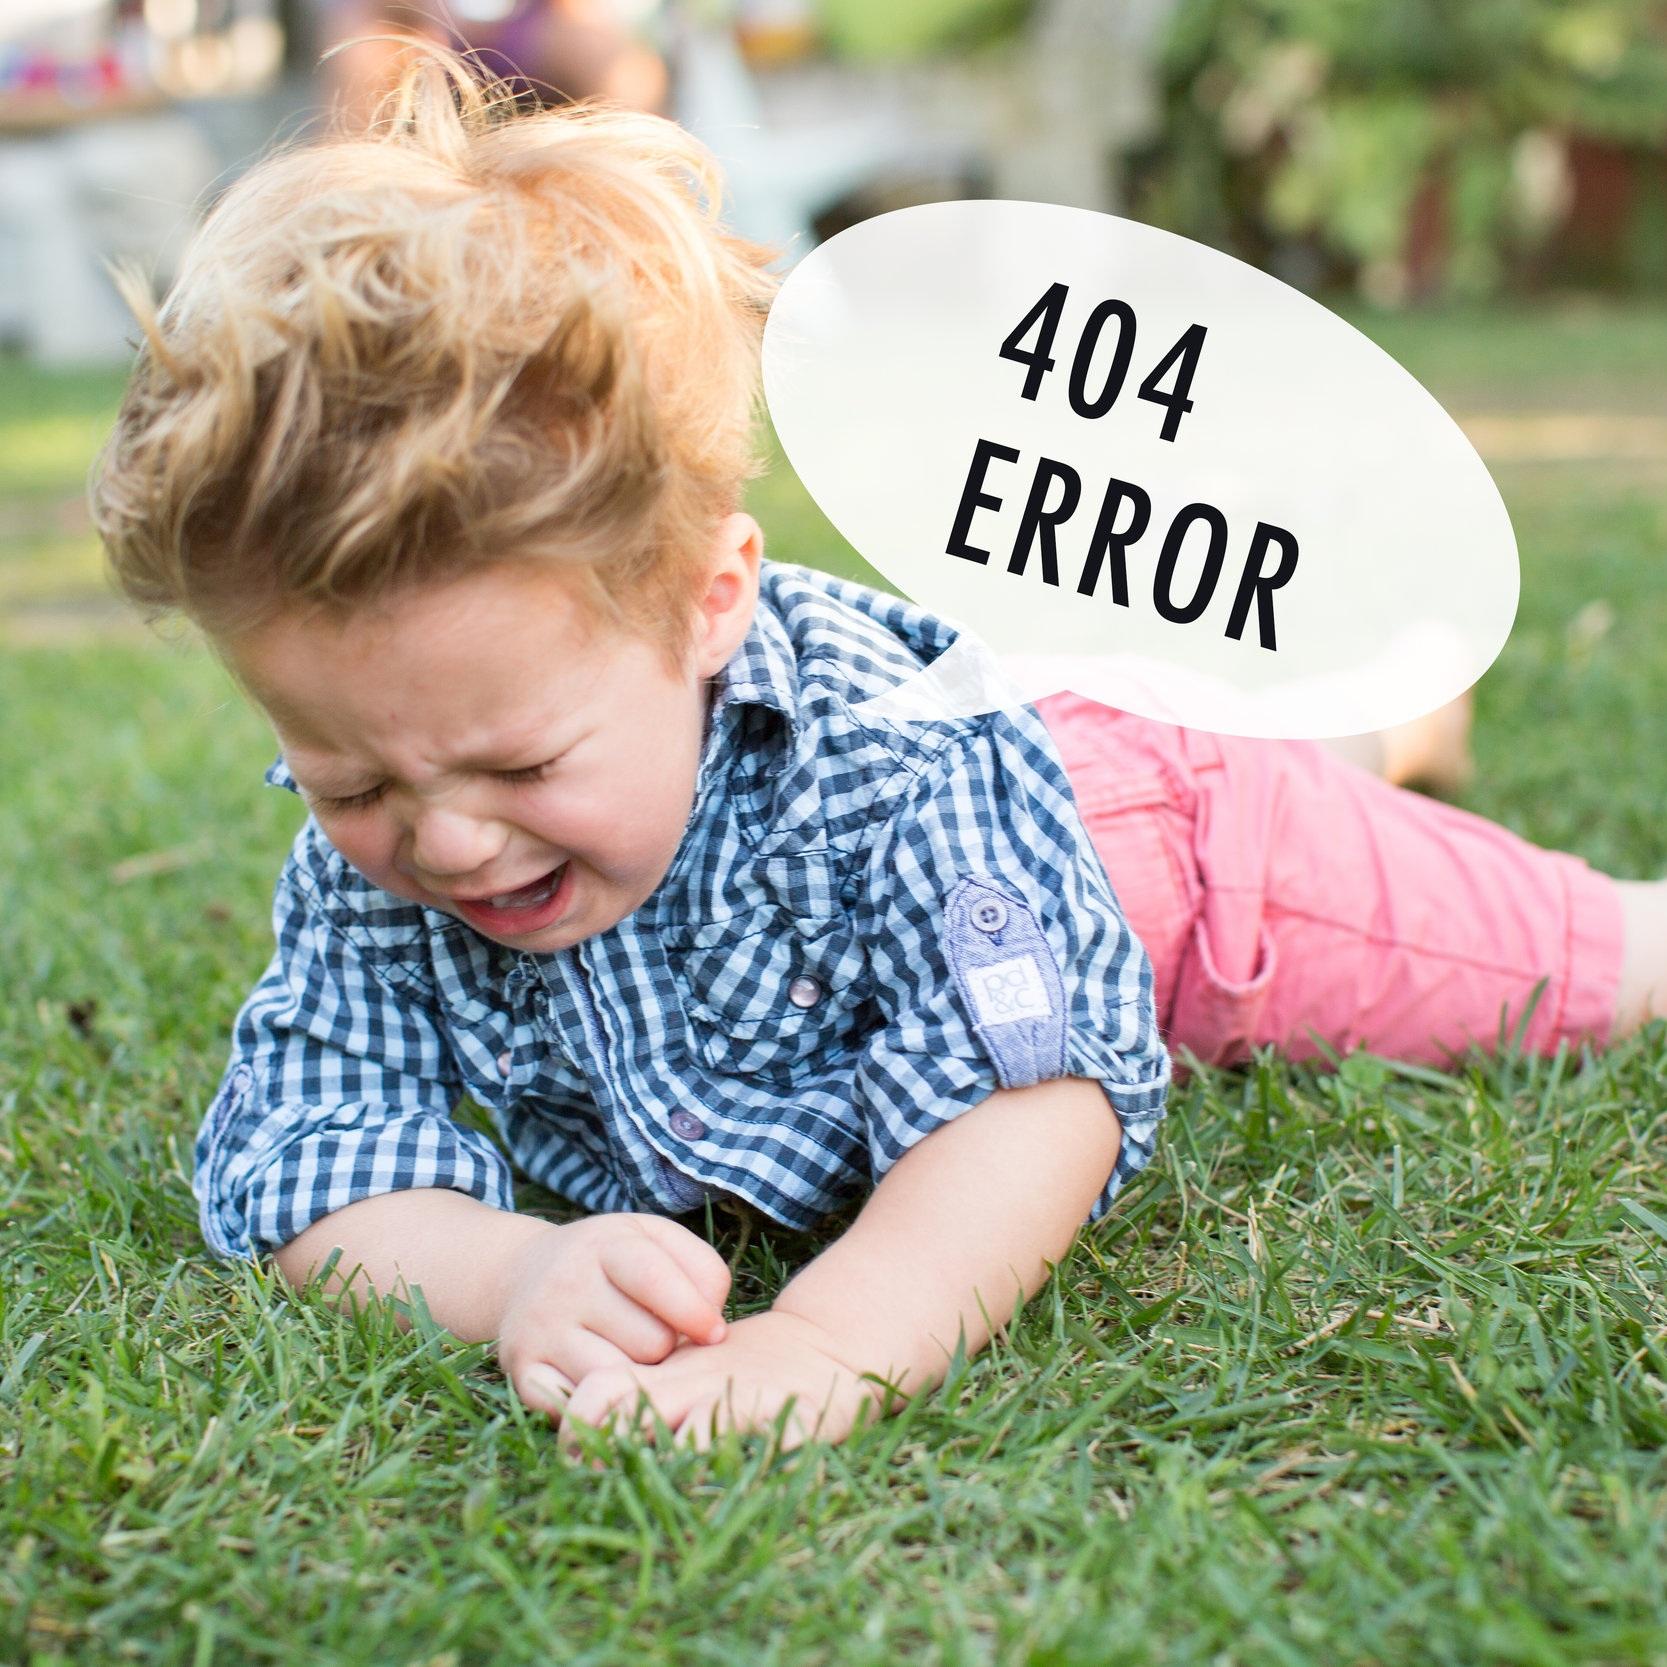 404+ERROR.jpg